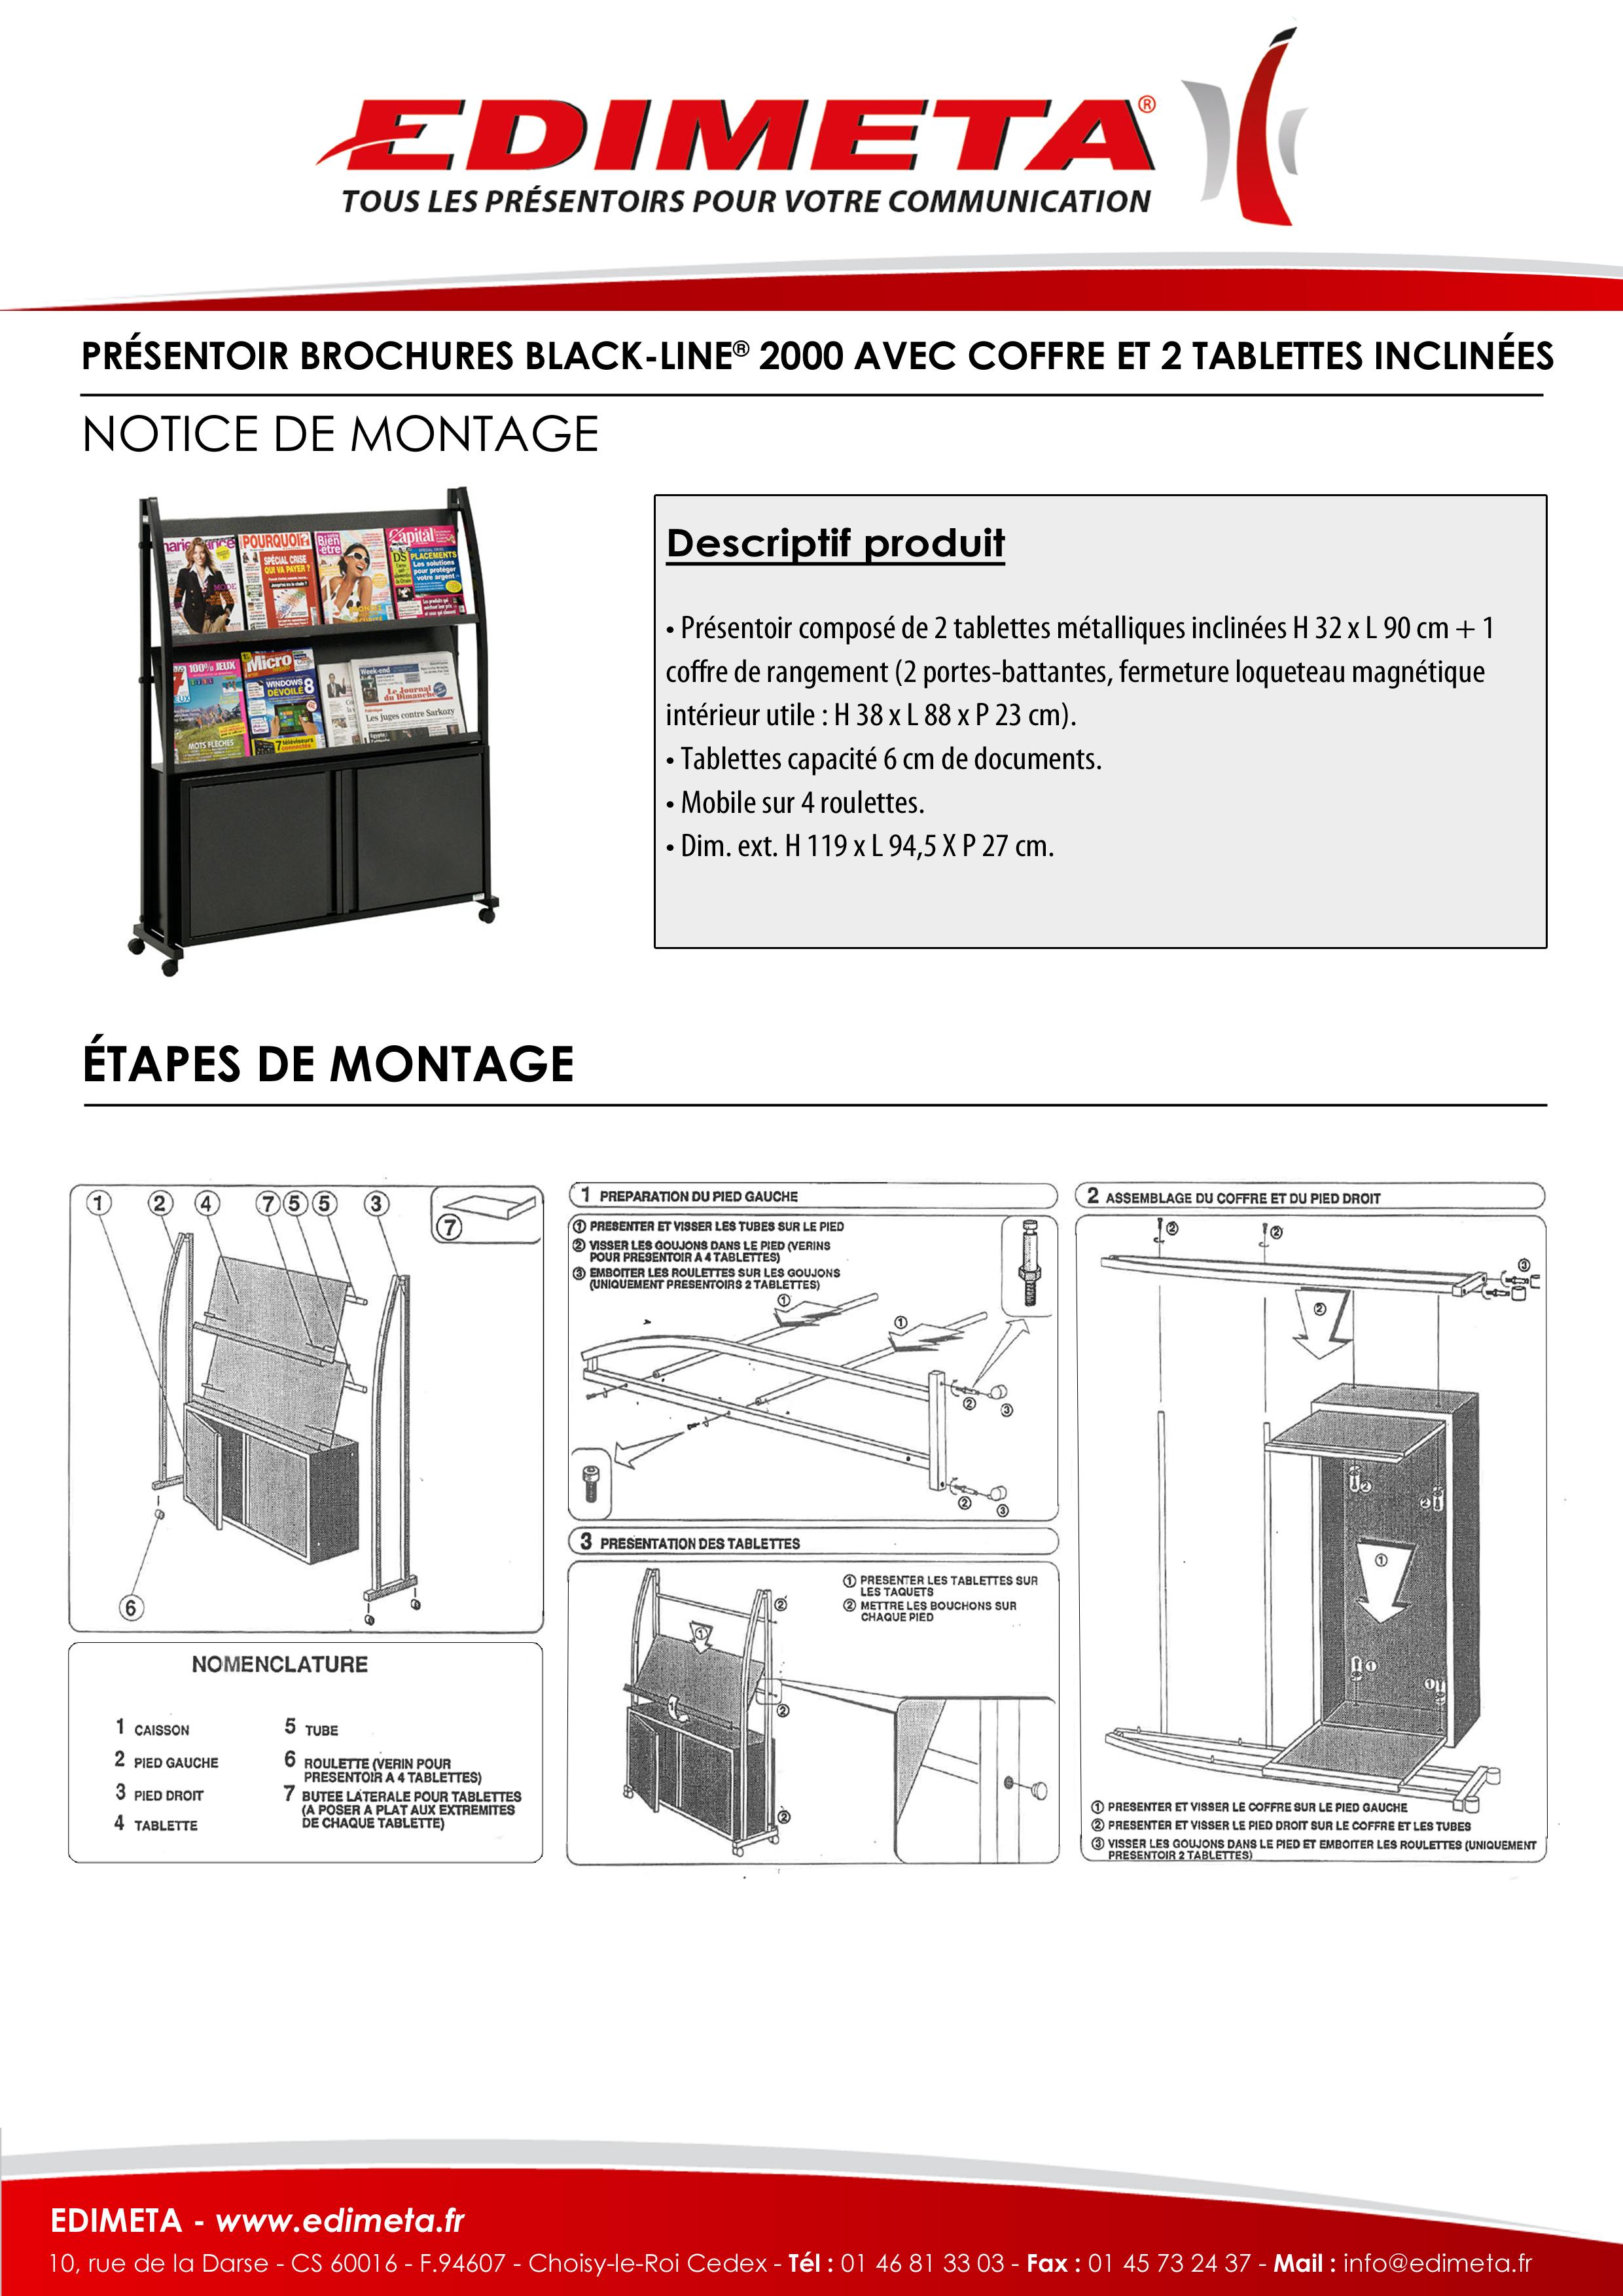 NOTICE DE MONTAGE : PRÉSENTOIR BROCHURES BLACK-LINE® 2000 AVEC COFFRE ET 2 TABLETTES INCLINÉES